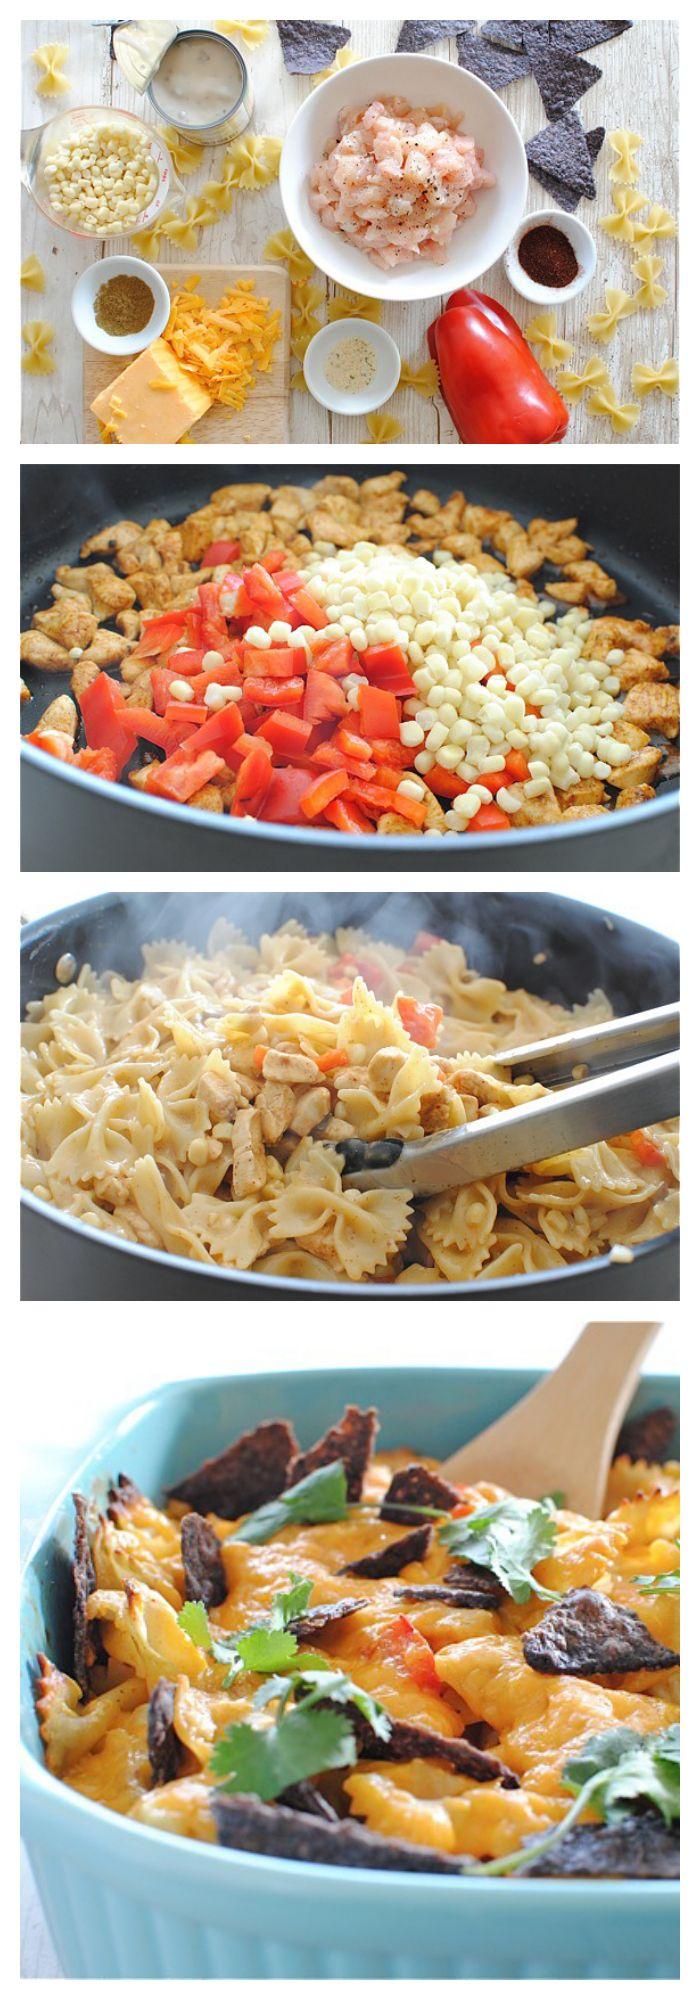 and pasta bake tuna and pasta bake sausage and kale pasta bake bacon ...